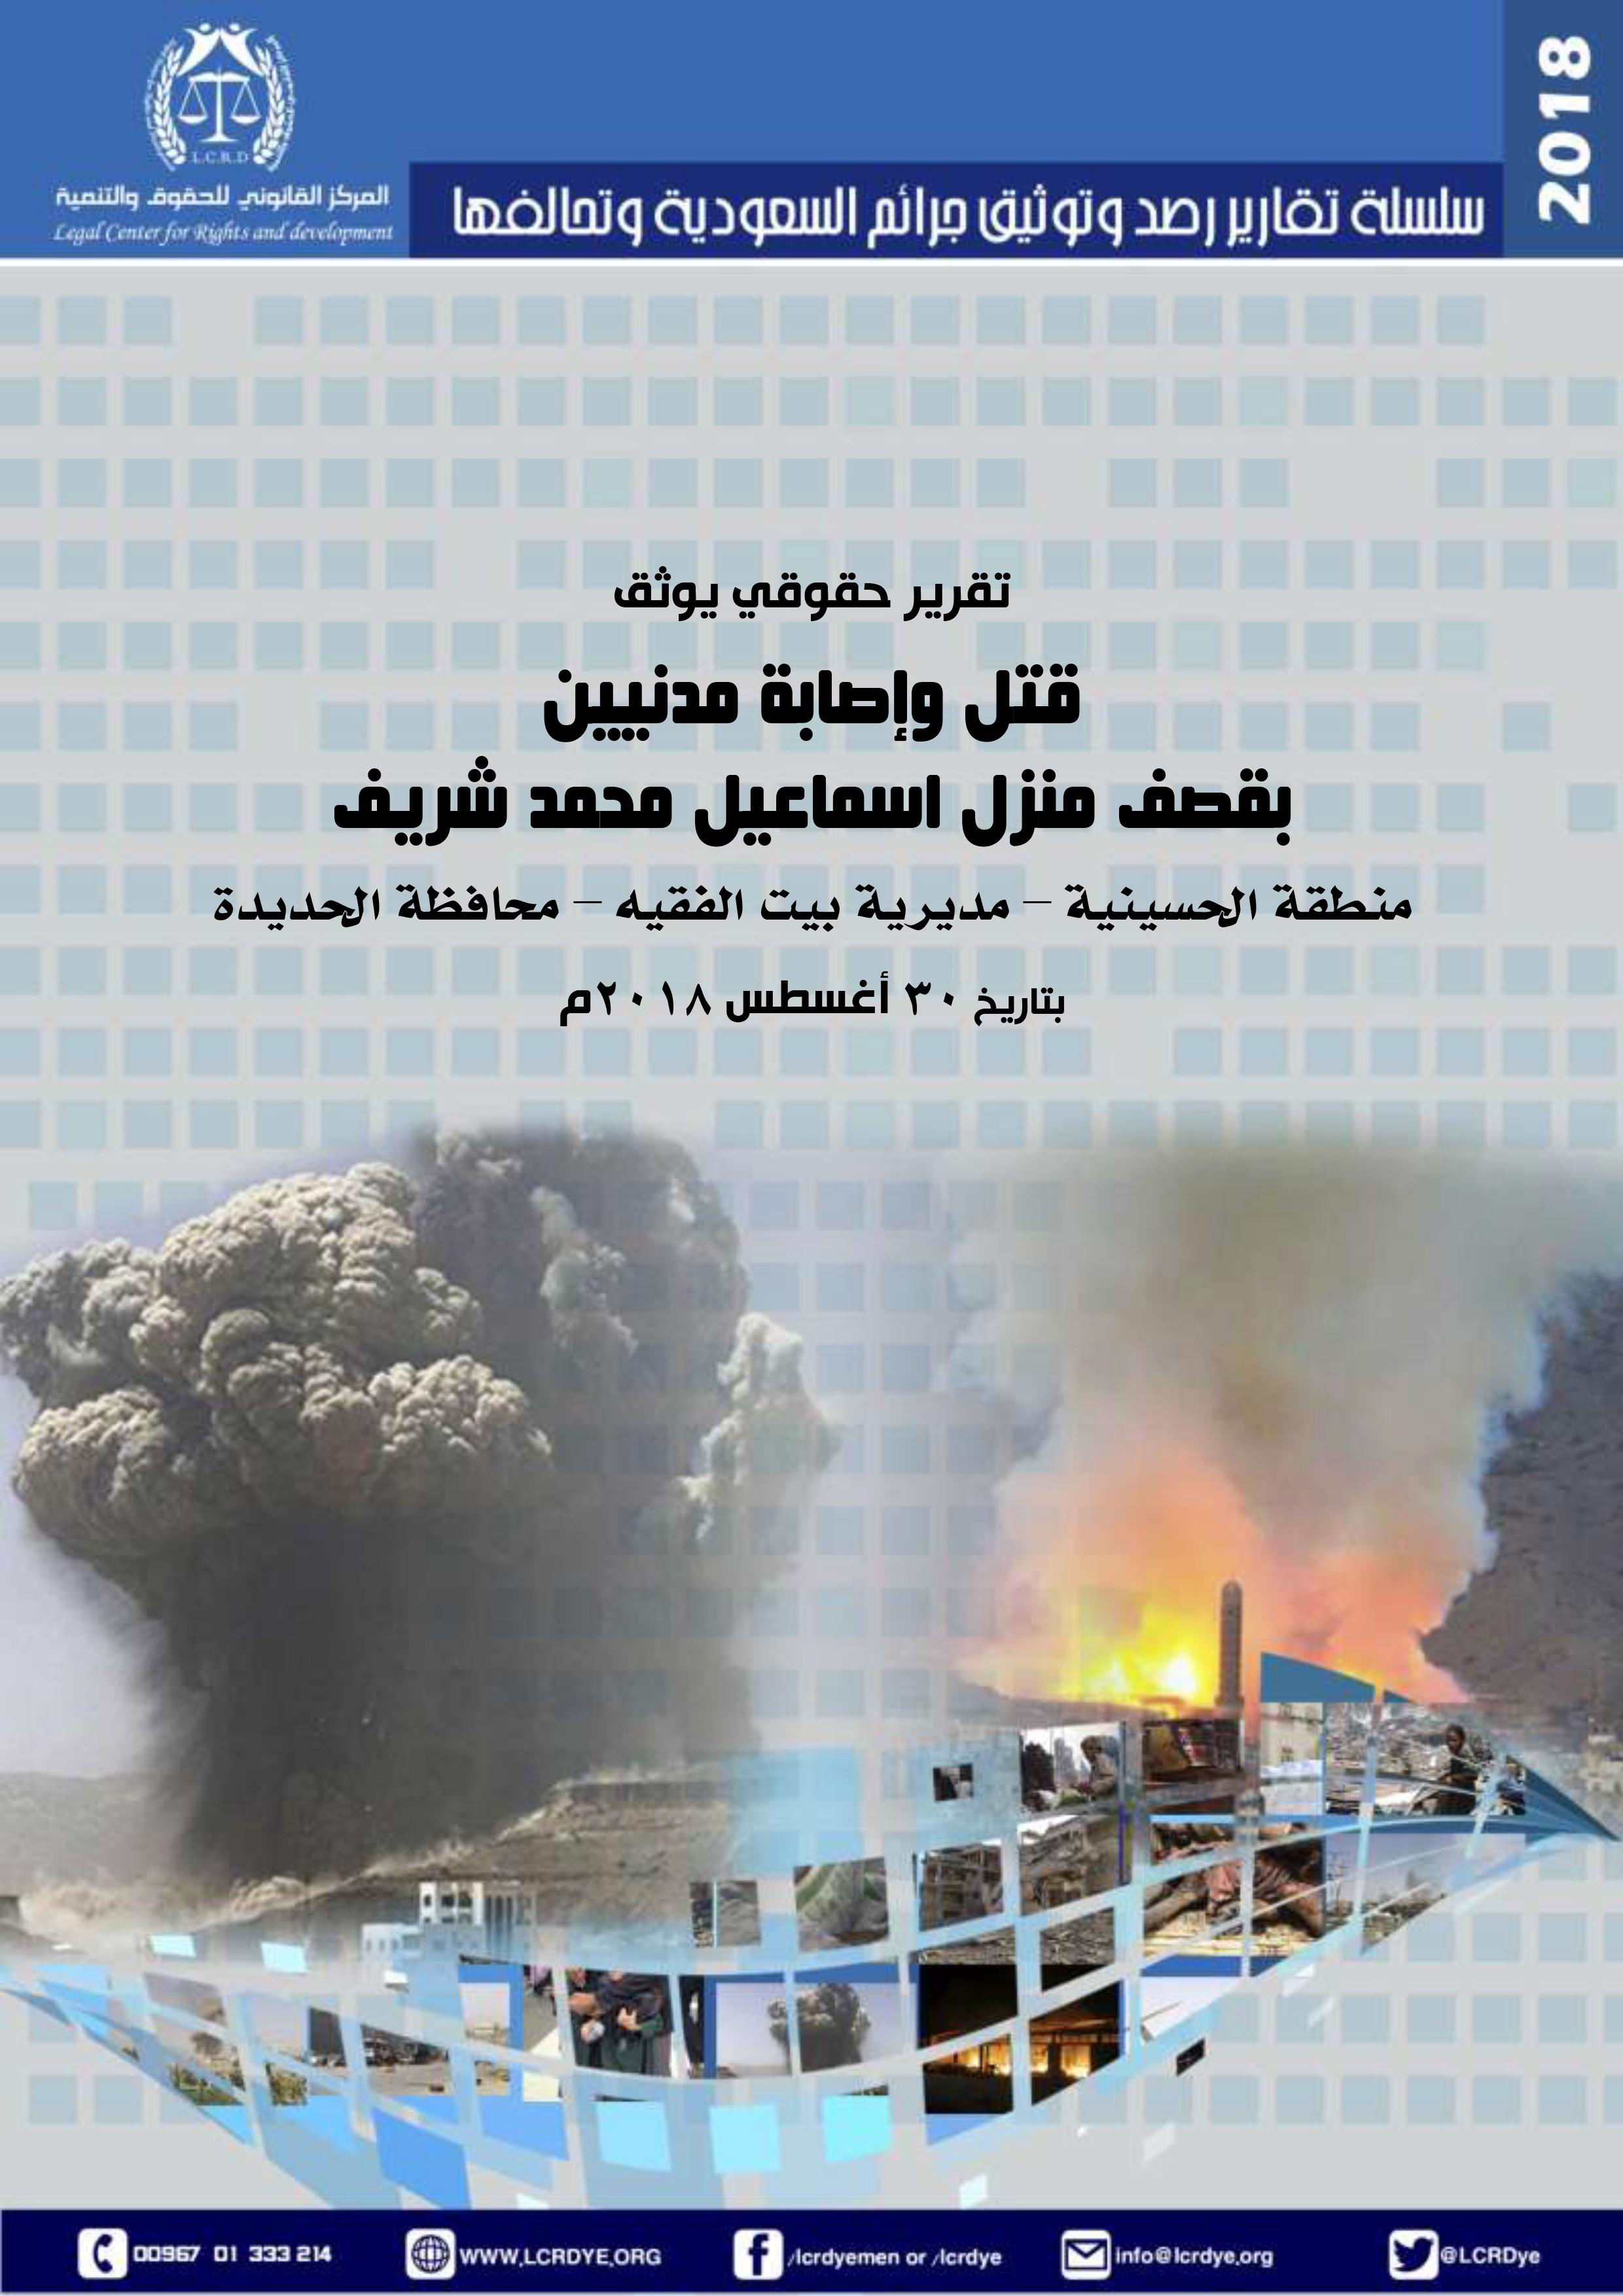 قصف منزل اسماعيل محمد شريف – الحسينية – بيت الفقيه- الحديدة 30-8-2018-1